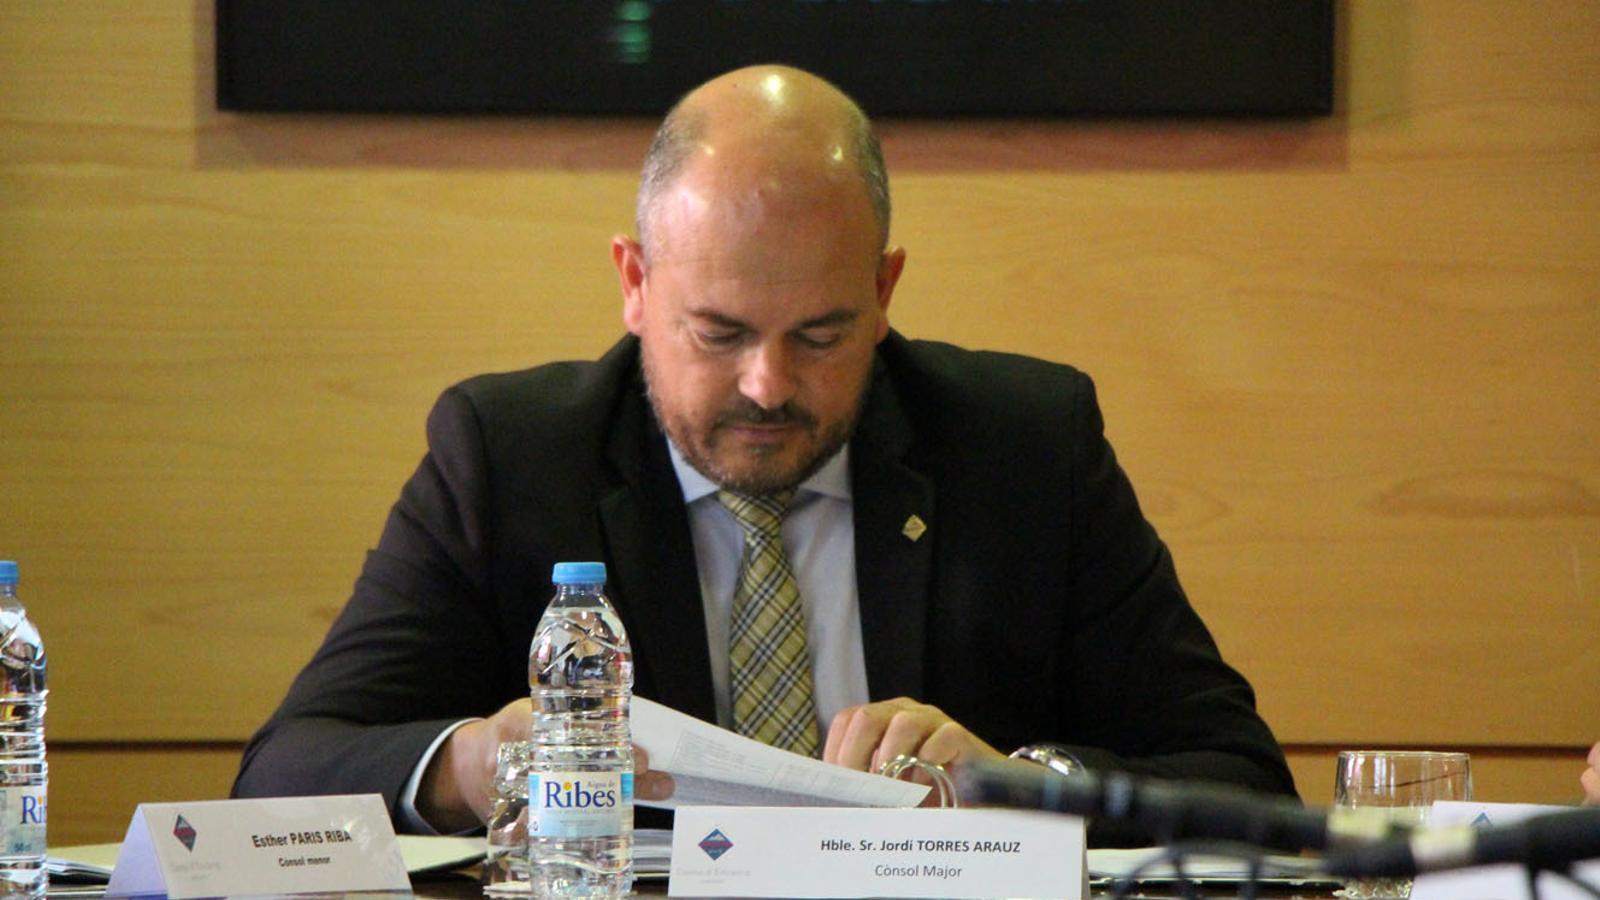 El cònsol major d'Encamp, Jordi Torres, durant la sessió de comú d'aquest dijous, celebrada al Pas de la Casa./ T. N. (ANA)